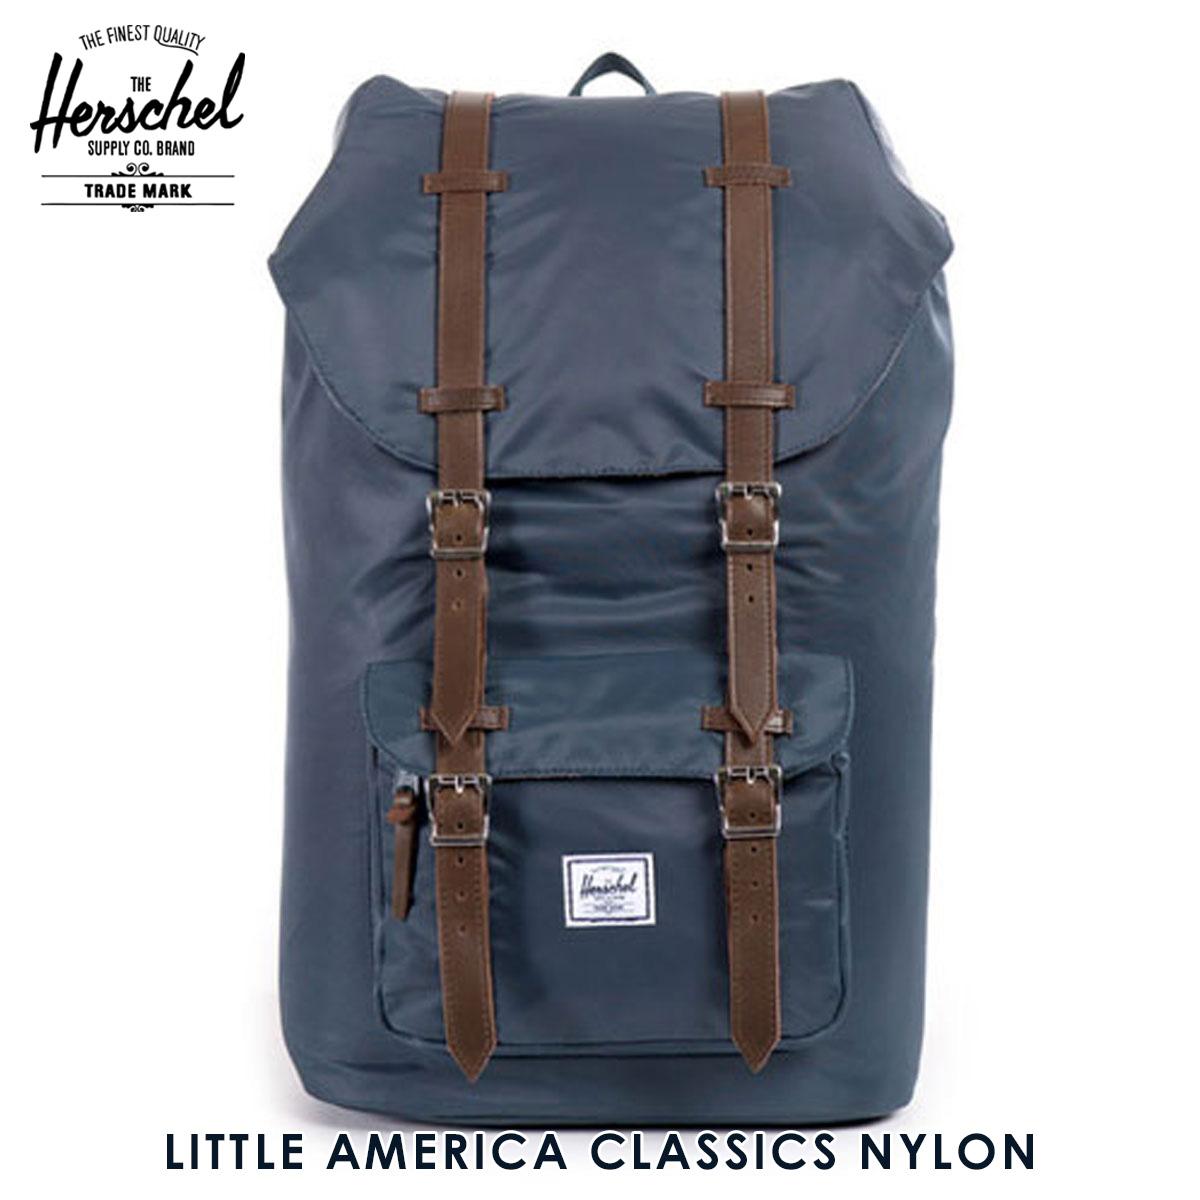 【販売期間 6/4 10:00~6/11 09:59】 ハーシェル バッグ 正規販売店 Herschel Supply ハーシャルサプライ バッグ Little America Classics - Nylon 10 父の日